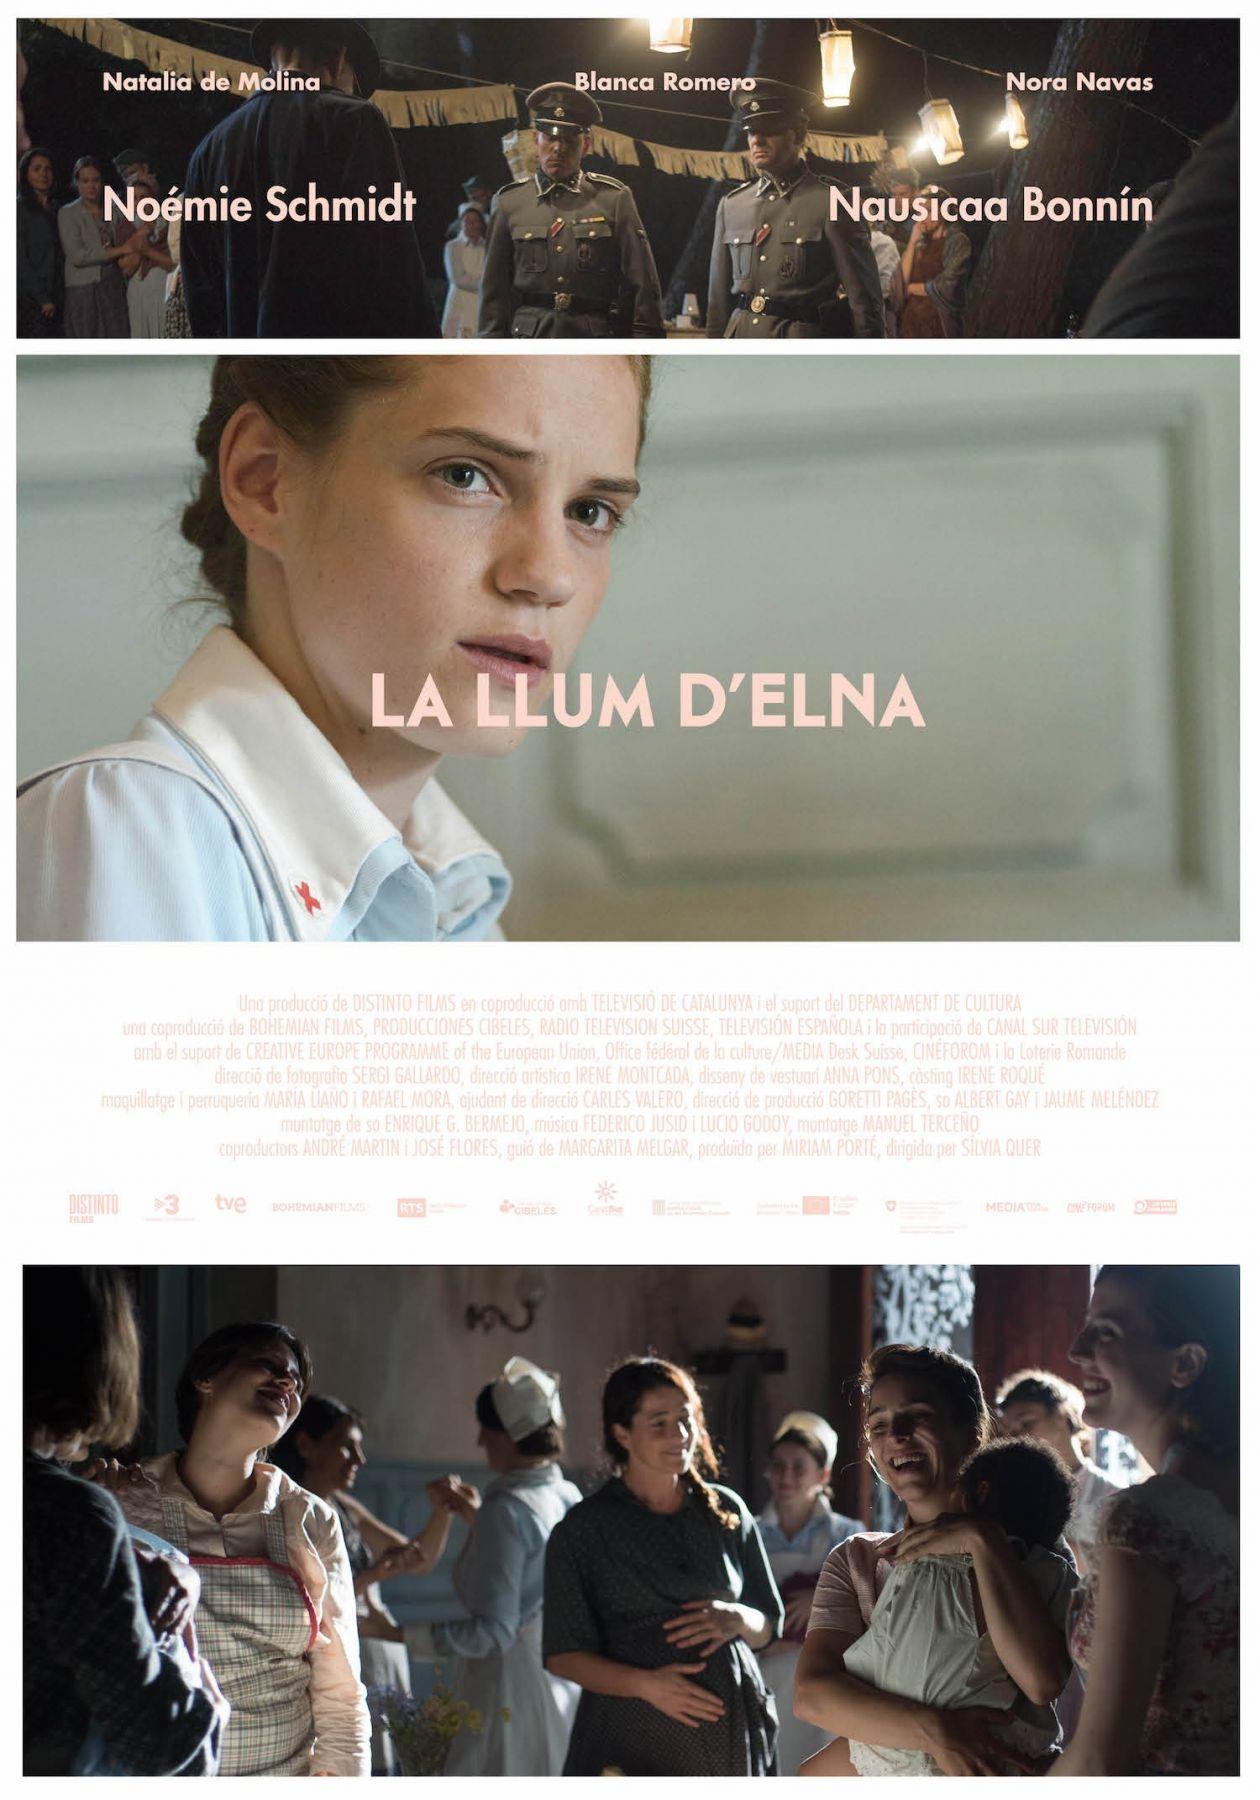 Noémie Schmidt actress actrice comédienne | La llum d'Elna / Sílvia Quer 2017 Movie Poster Affiche film